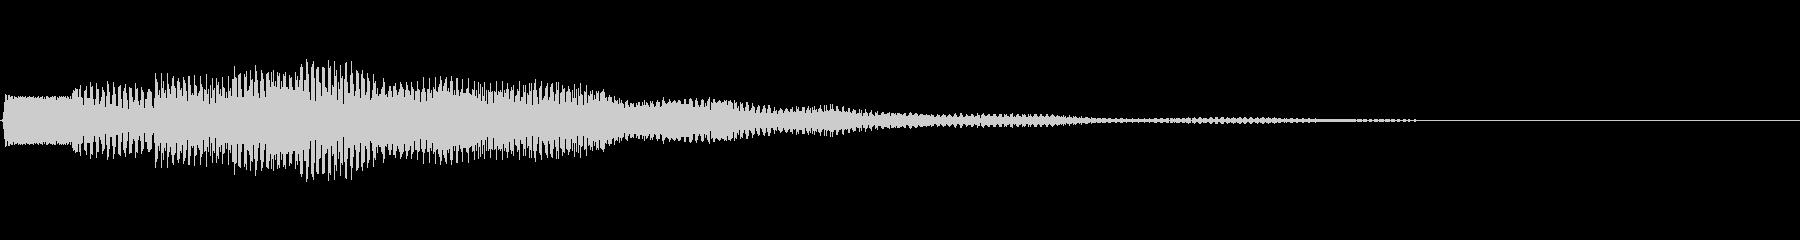 テュルル:アナウンス・呼び出し・案内dの未再生の波形